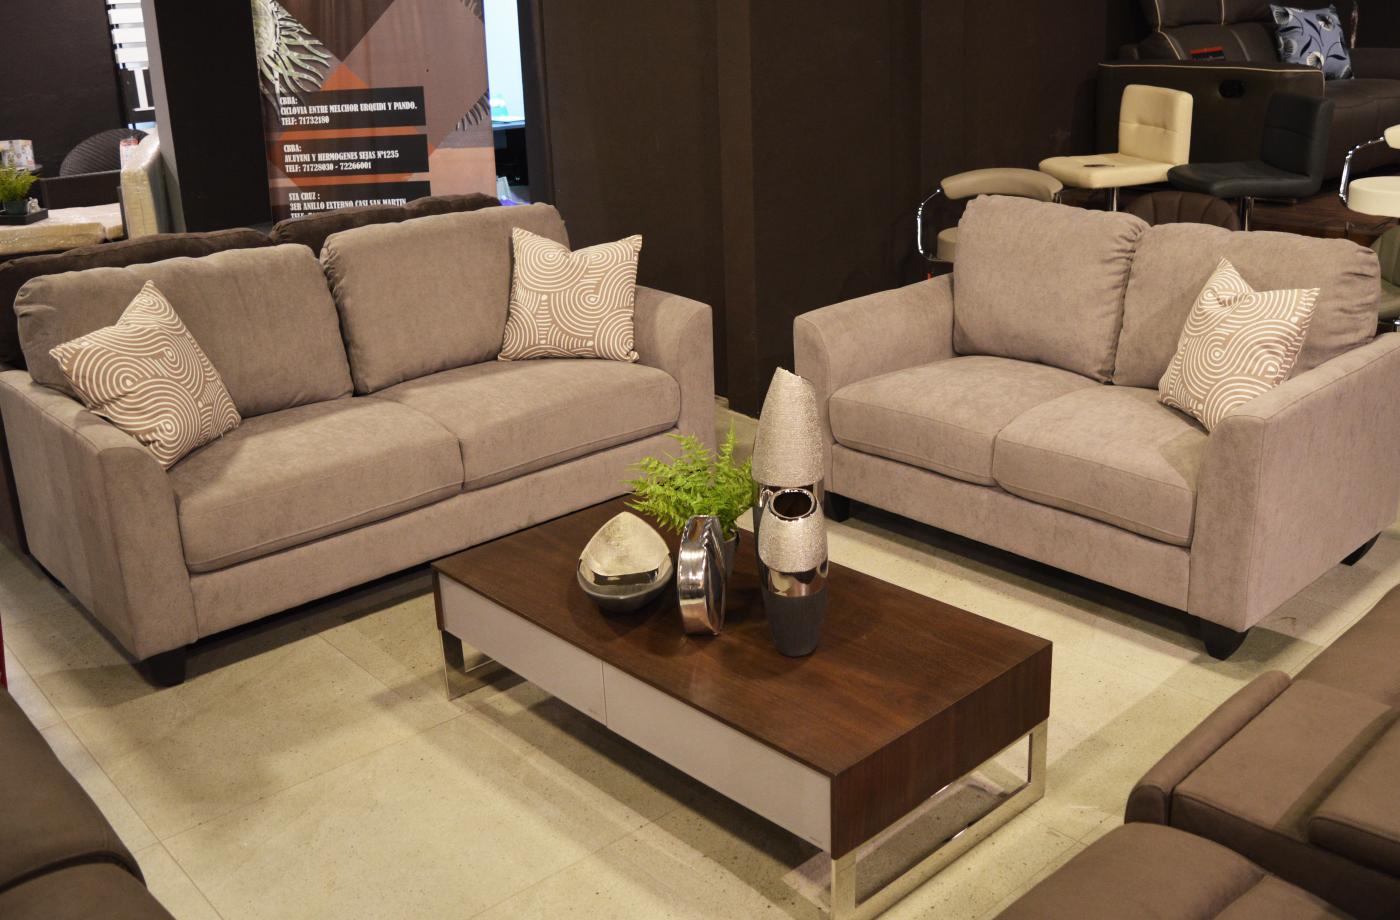 imagen 3 tipos de muebles